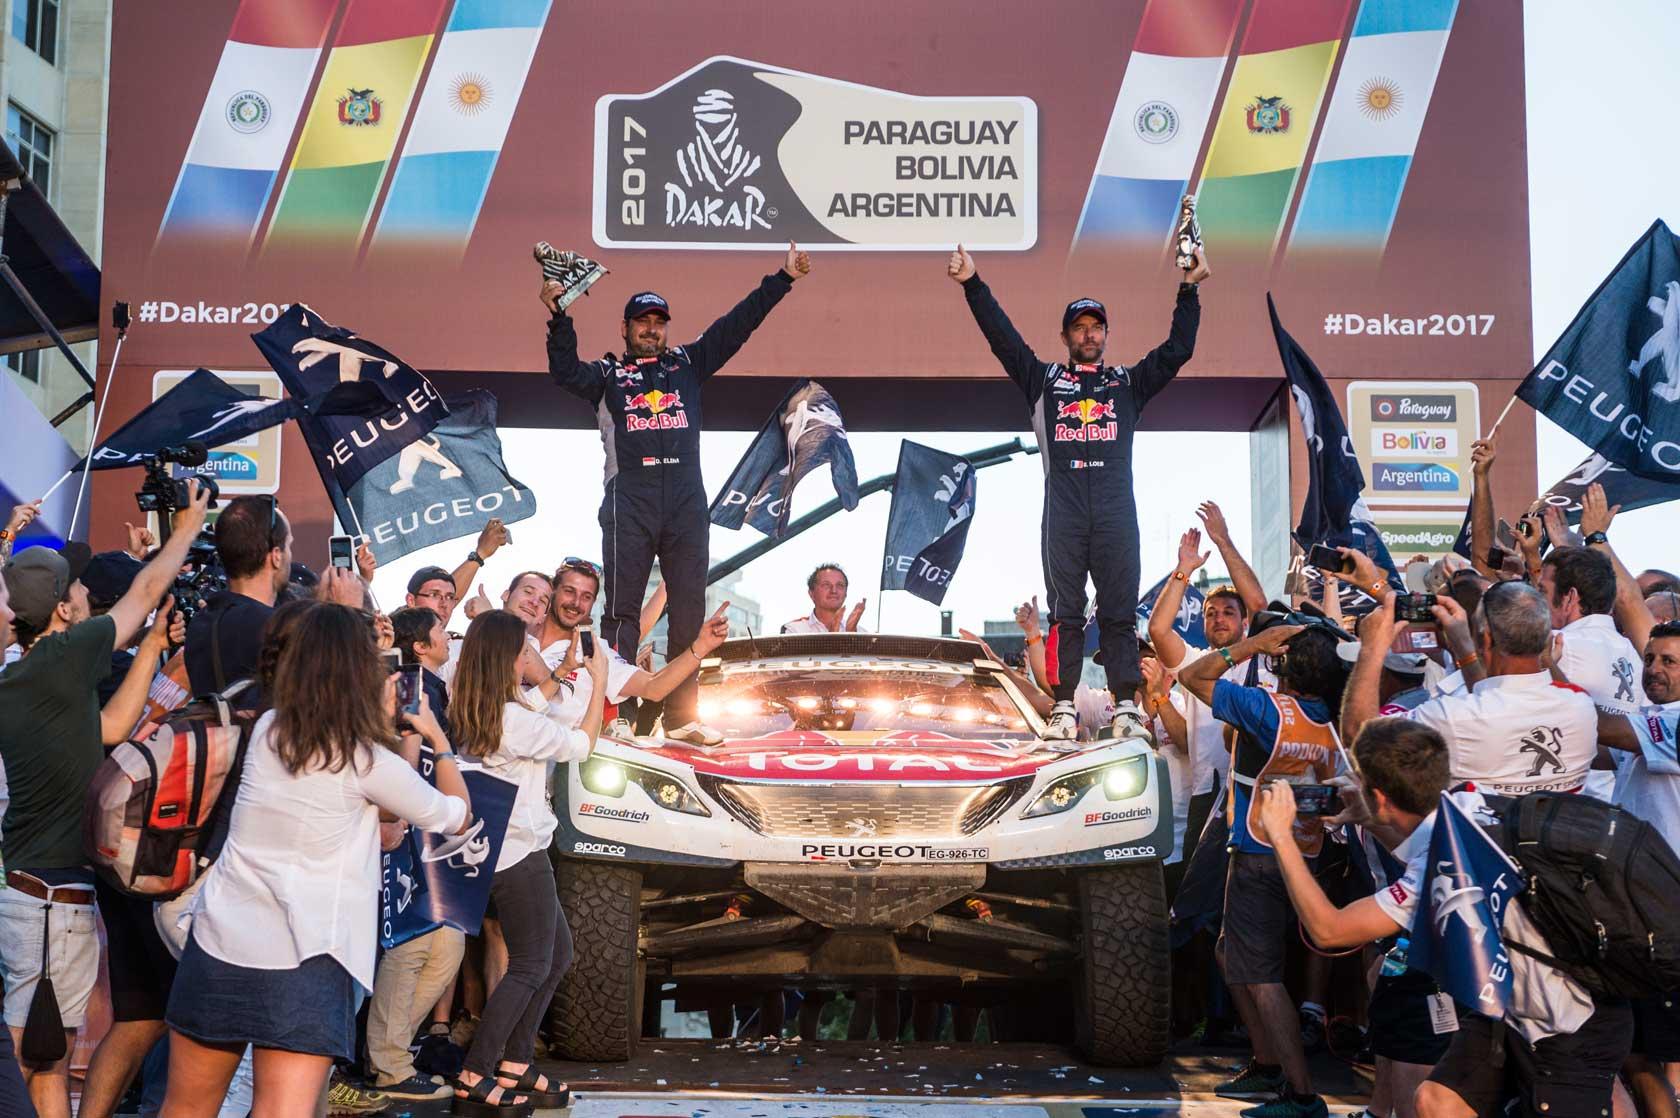 les Peugeot 3008dkr signent un triplé historique au dakar 2017